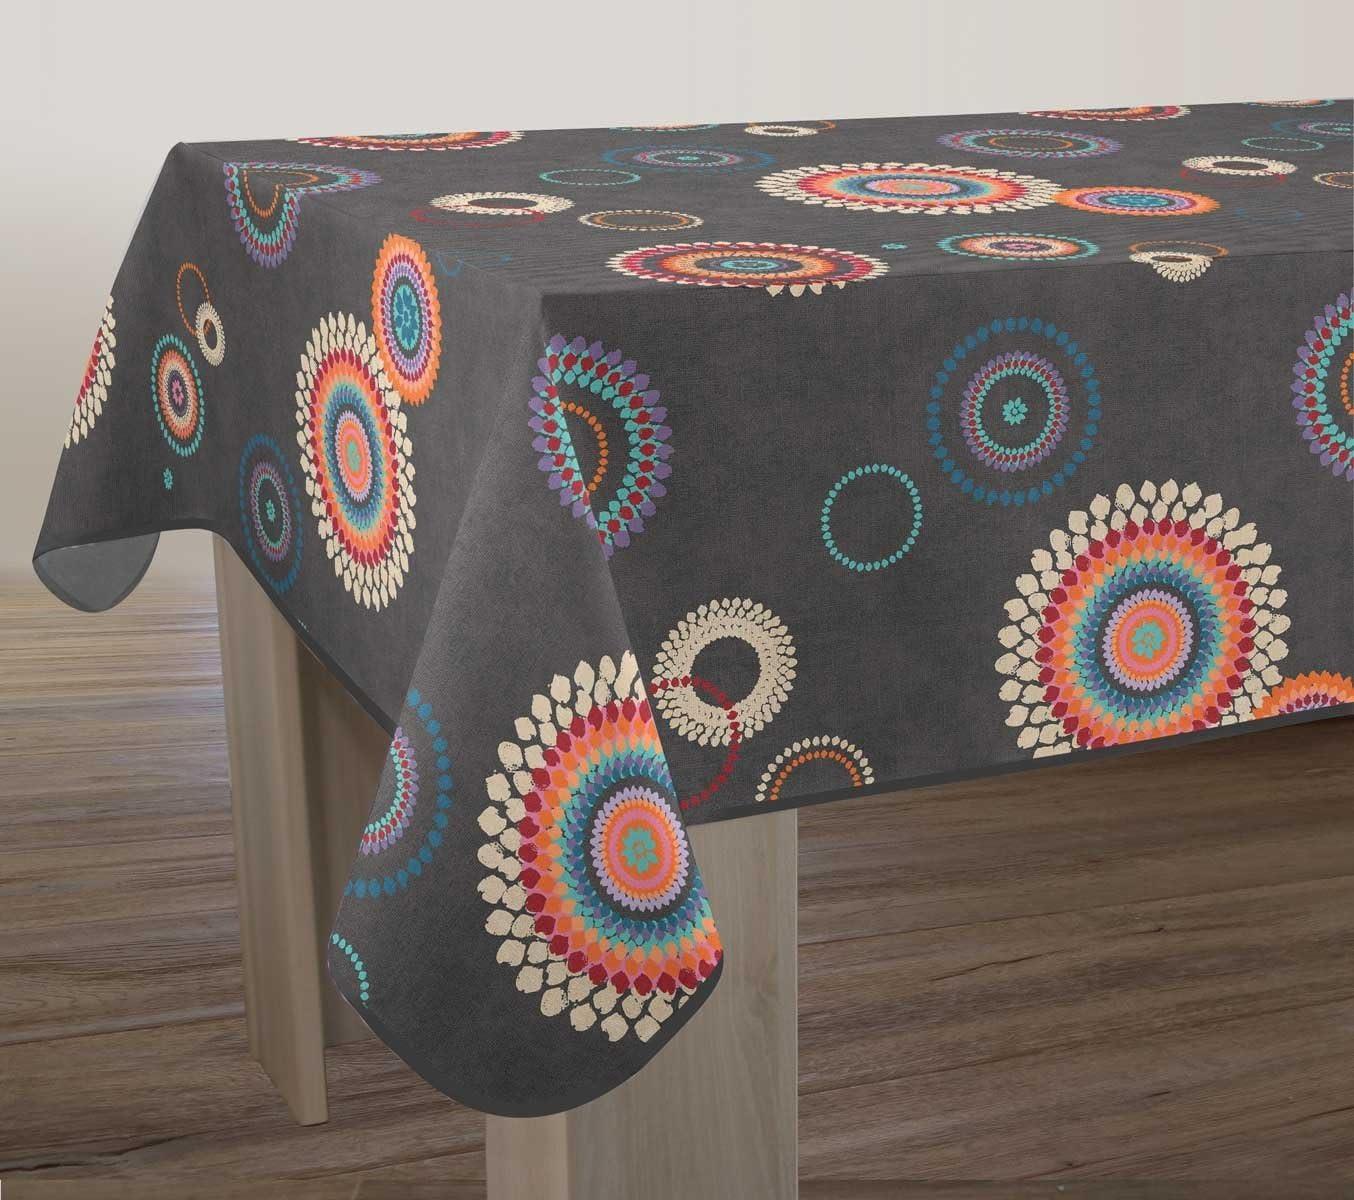 Taille Le linge de Jules Nappe Anti-Taches Paillettes Gris Carr/ée 150x150 cm